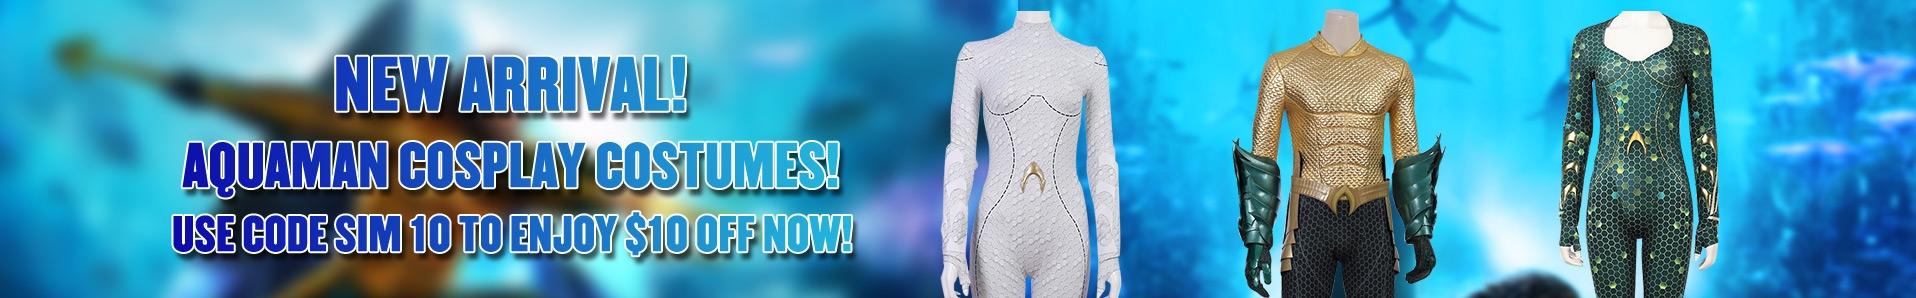 simcosplay aquaman cosplay costume 2018